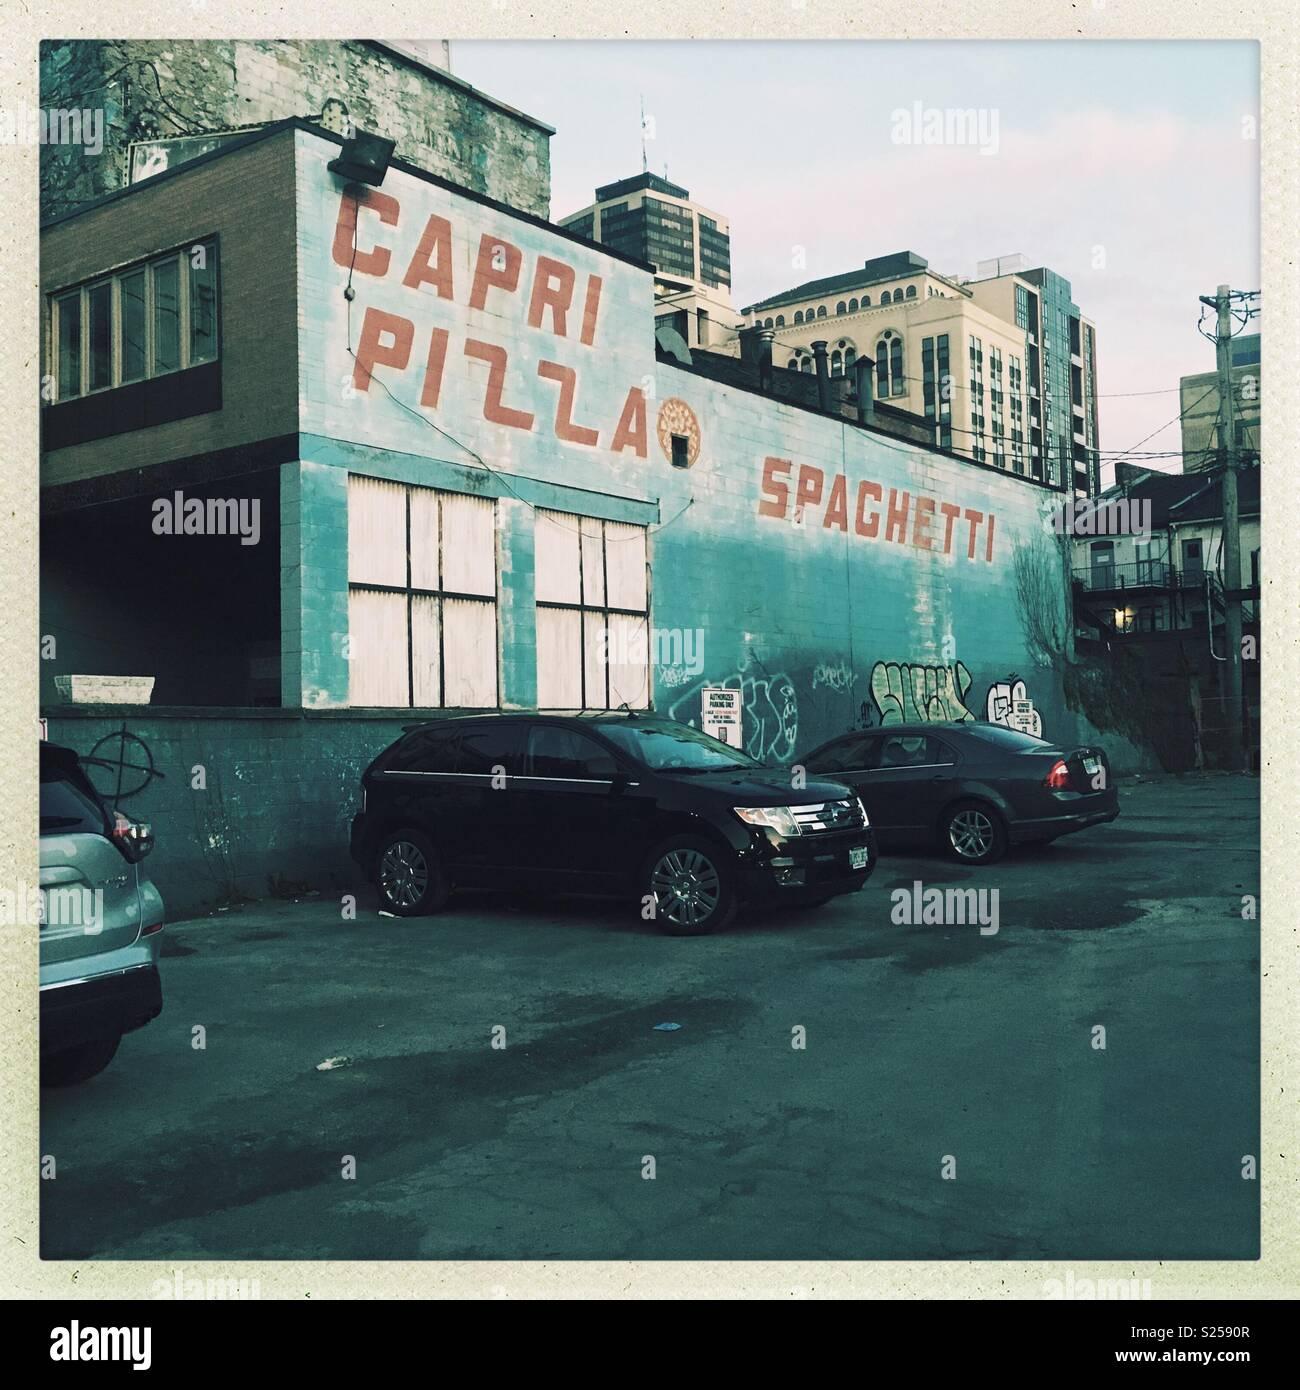 Capri Pizza Spaghetti, scena urbana, Hamilton, Ontario, Canada Immagini Stock